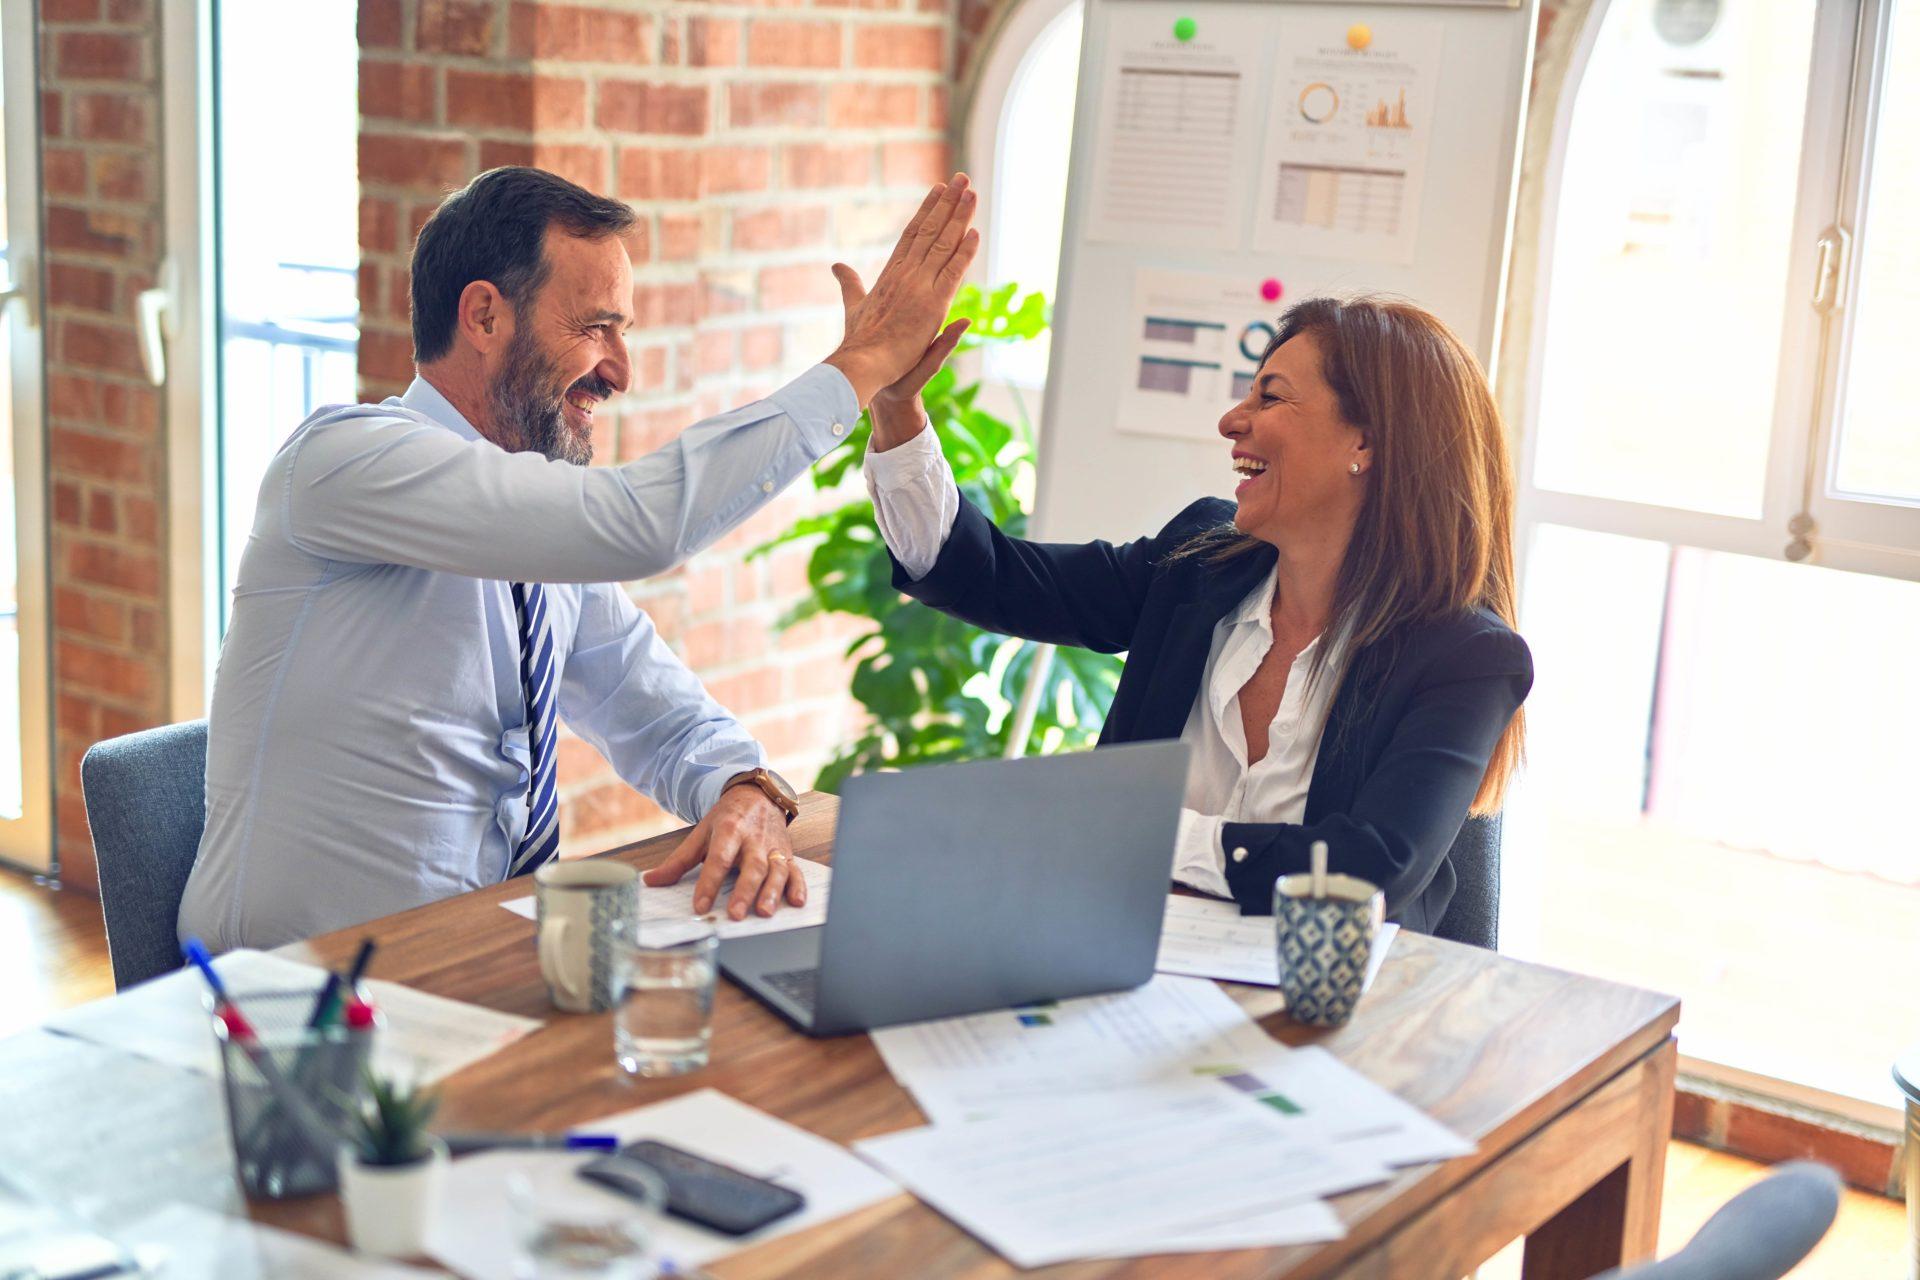 L' externalisation paie permet de gagner du temps et se concentrer sur son activité